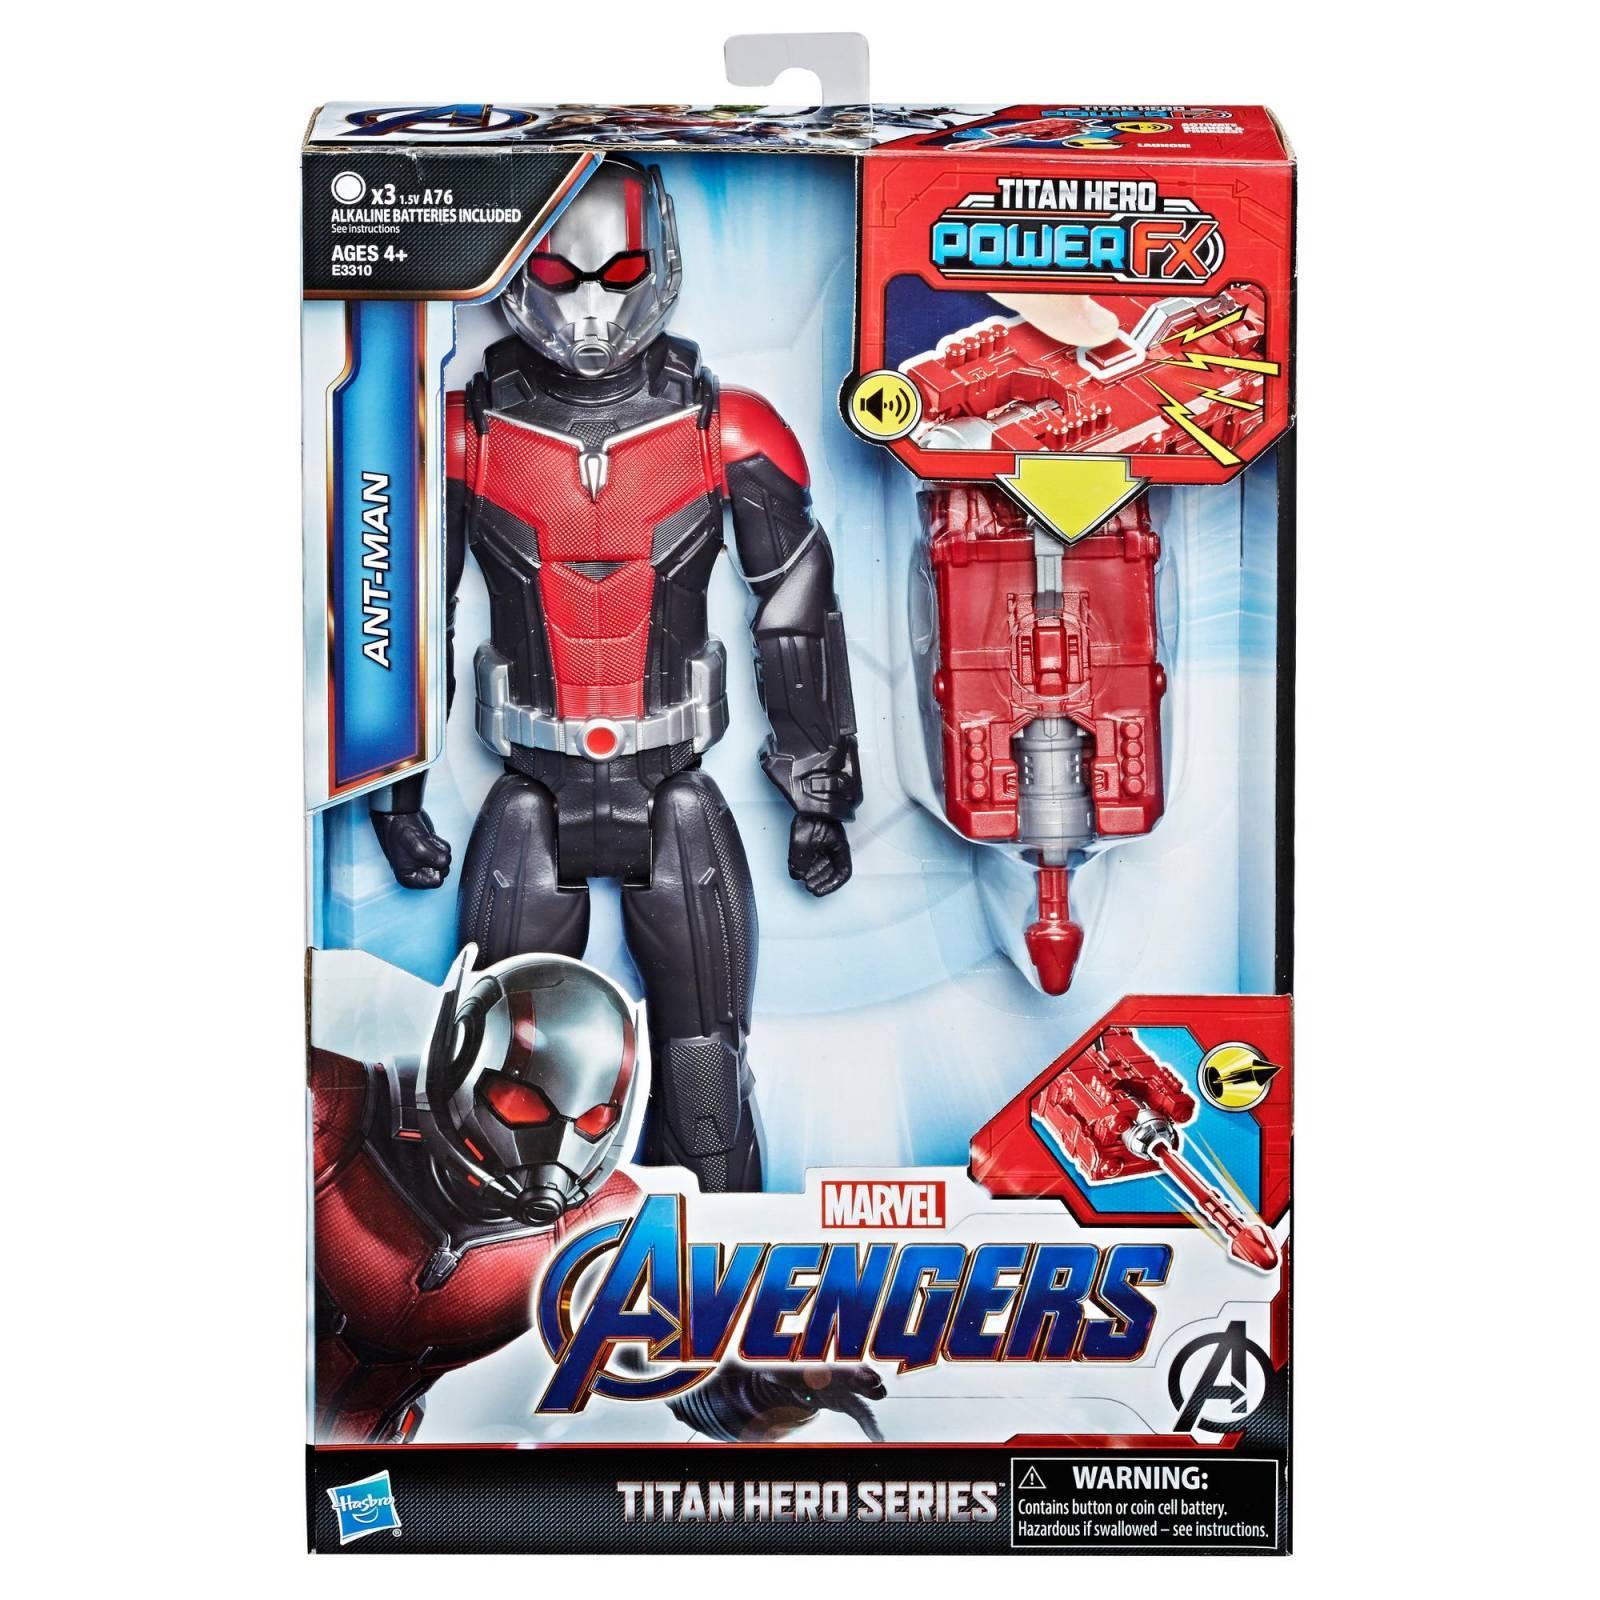 Boneco Homem Formiga 30 Cm Titan Hero com Dispositivo Power FX E3310 - Hasbro